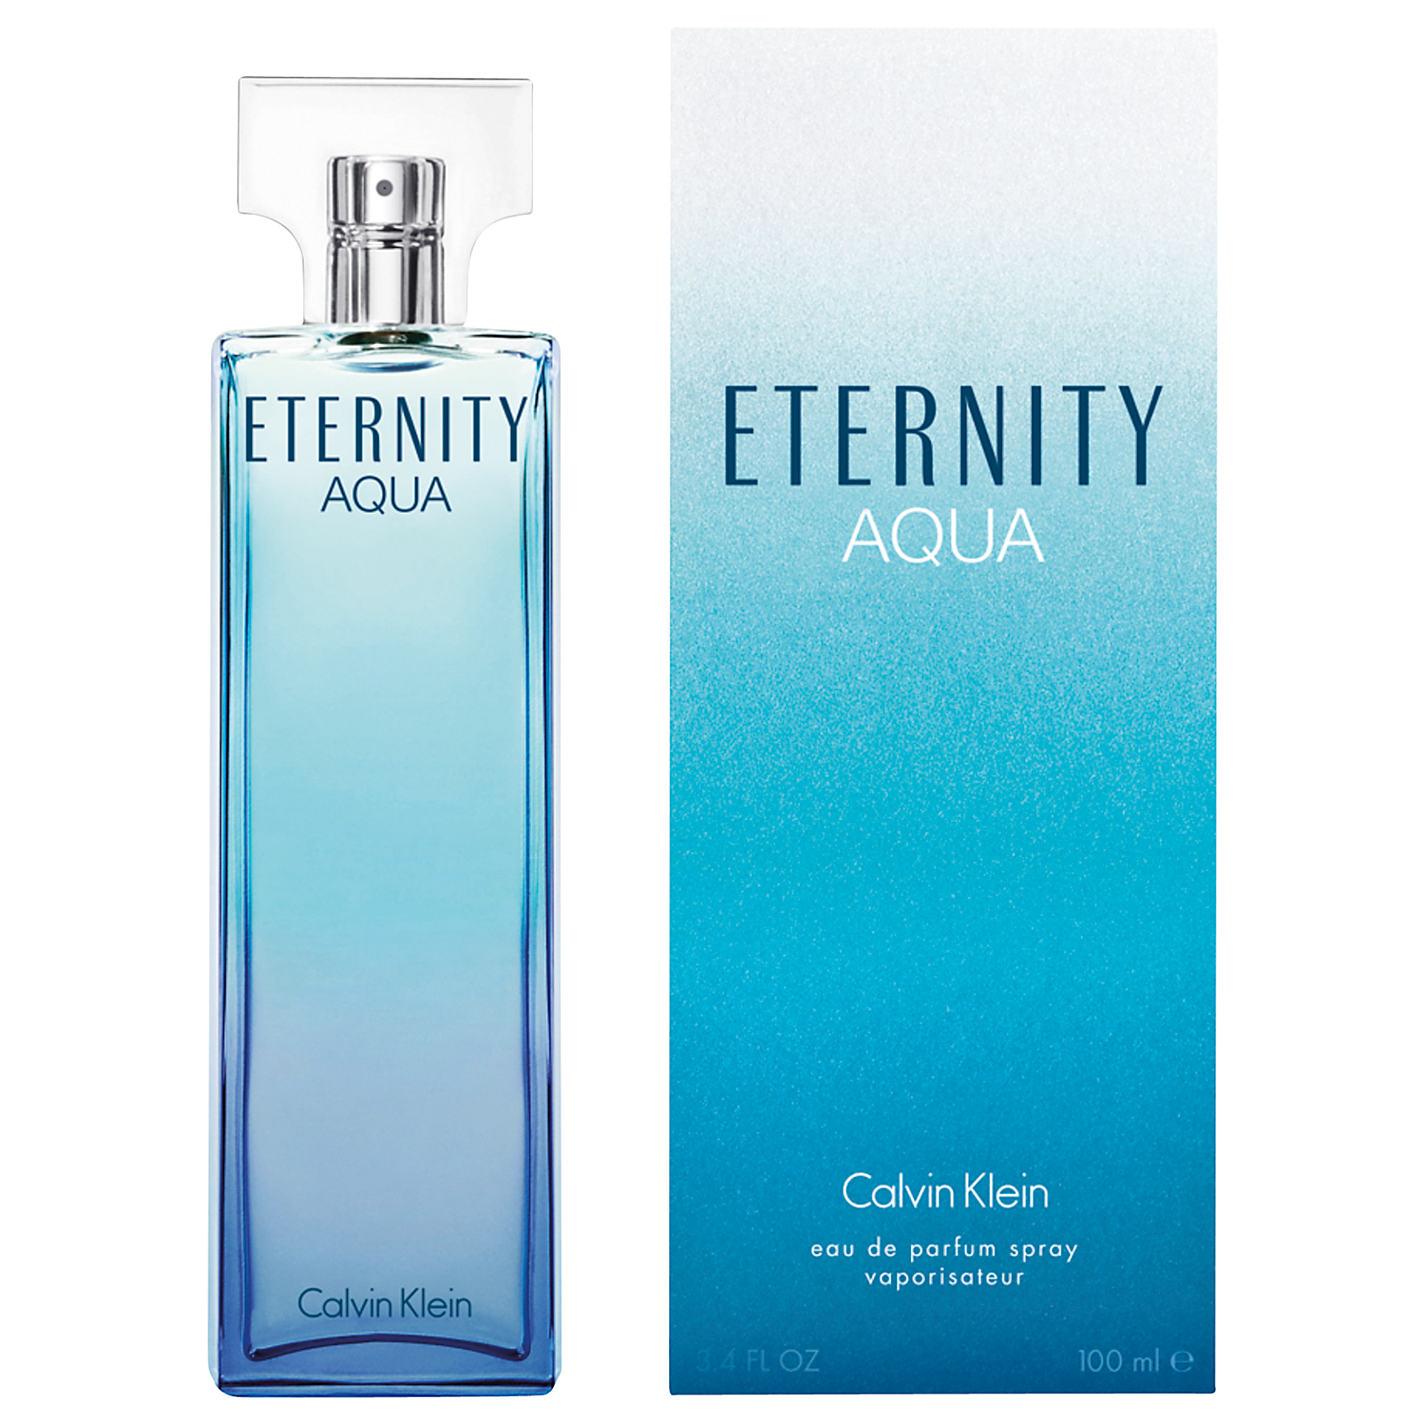 น้ำหอม CK Eternity Aqua For Women ขนาด 100ml.กล่องซีล